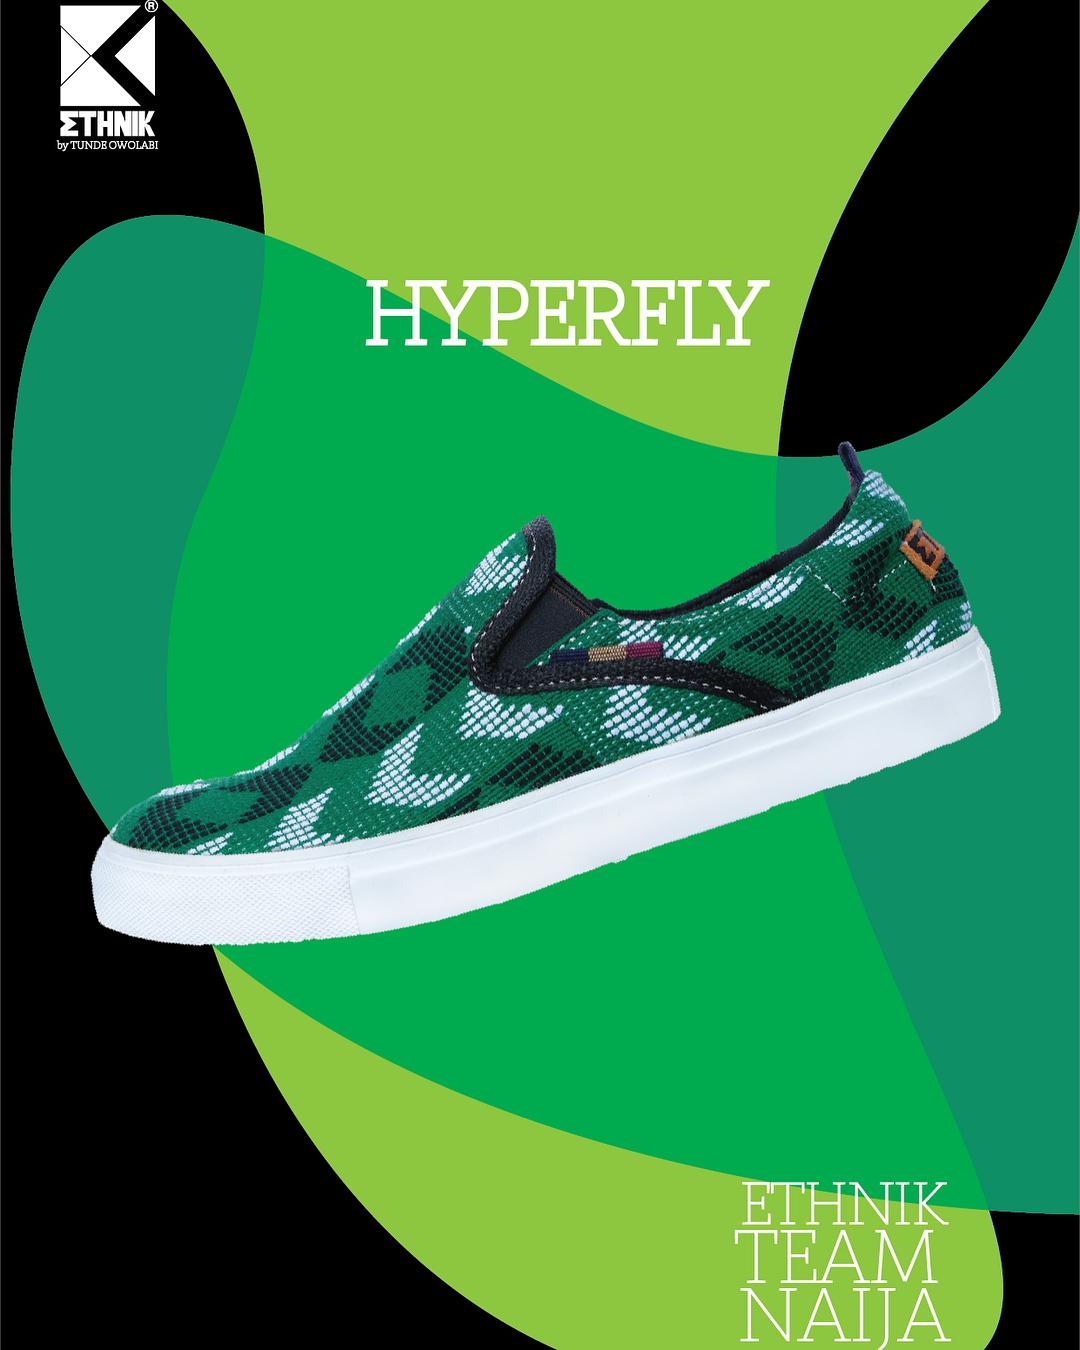 Tunde Owolabi #TeamNaija Sneaker Collection